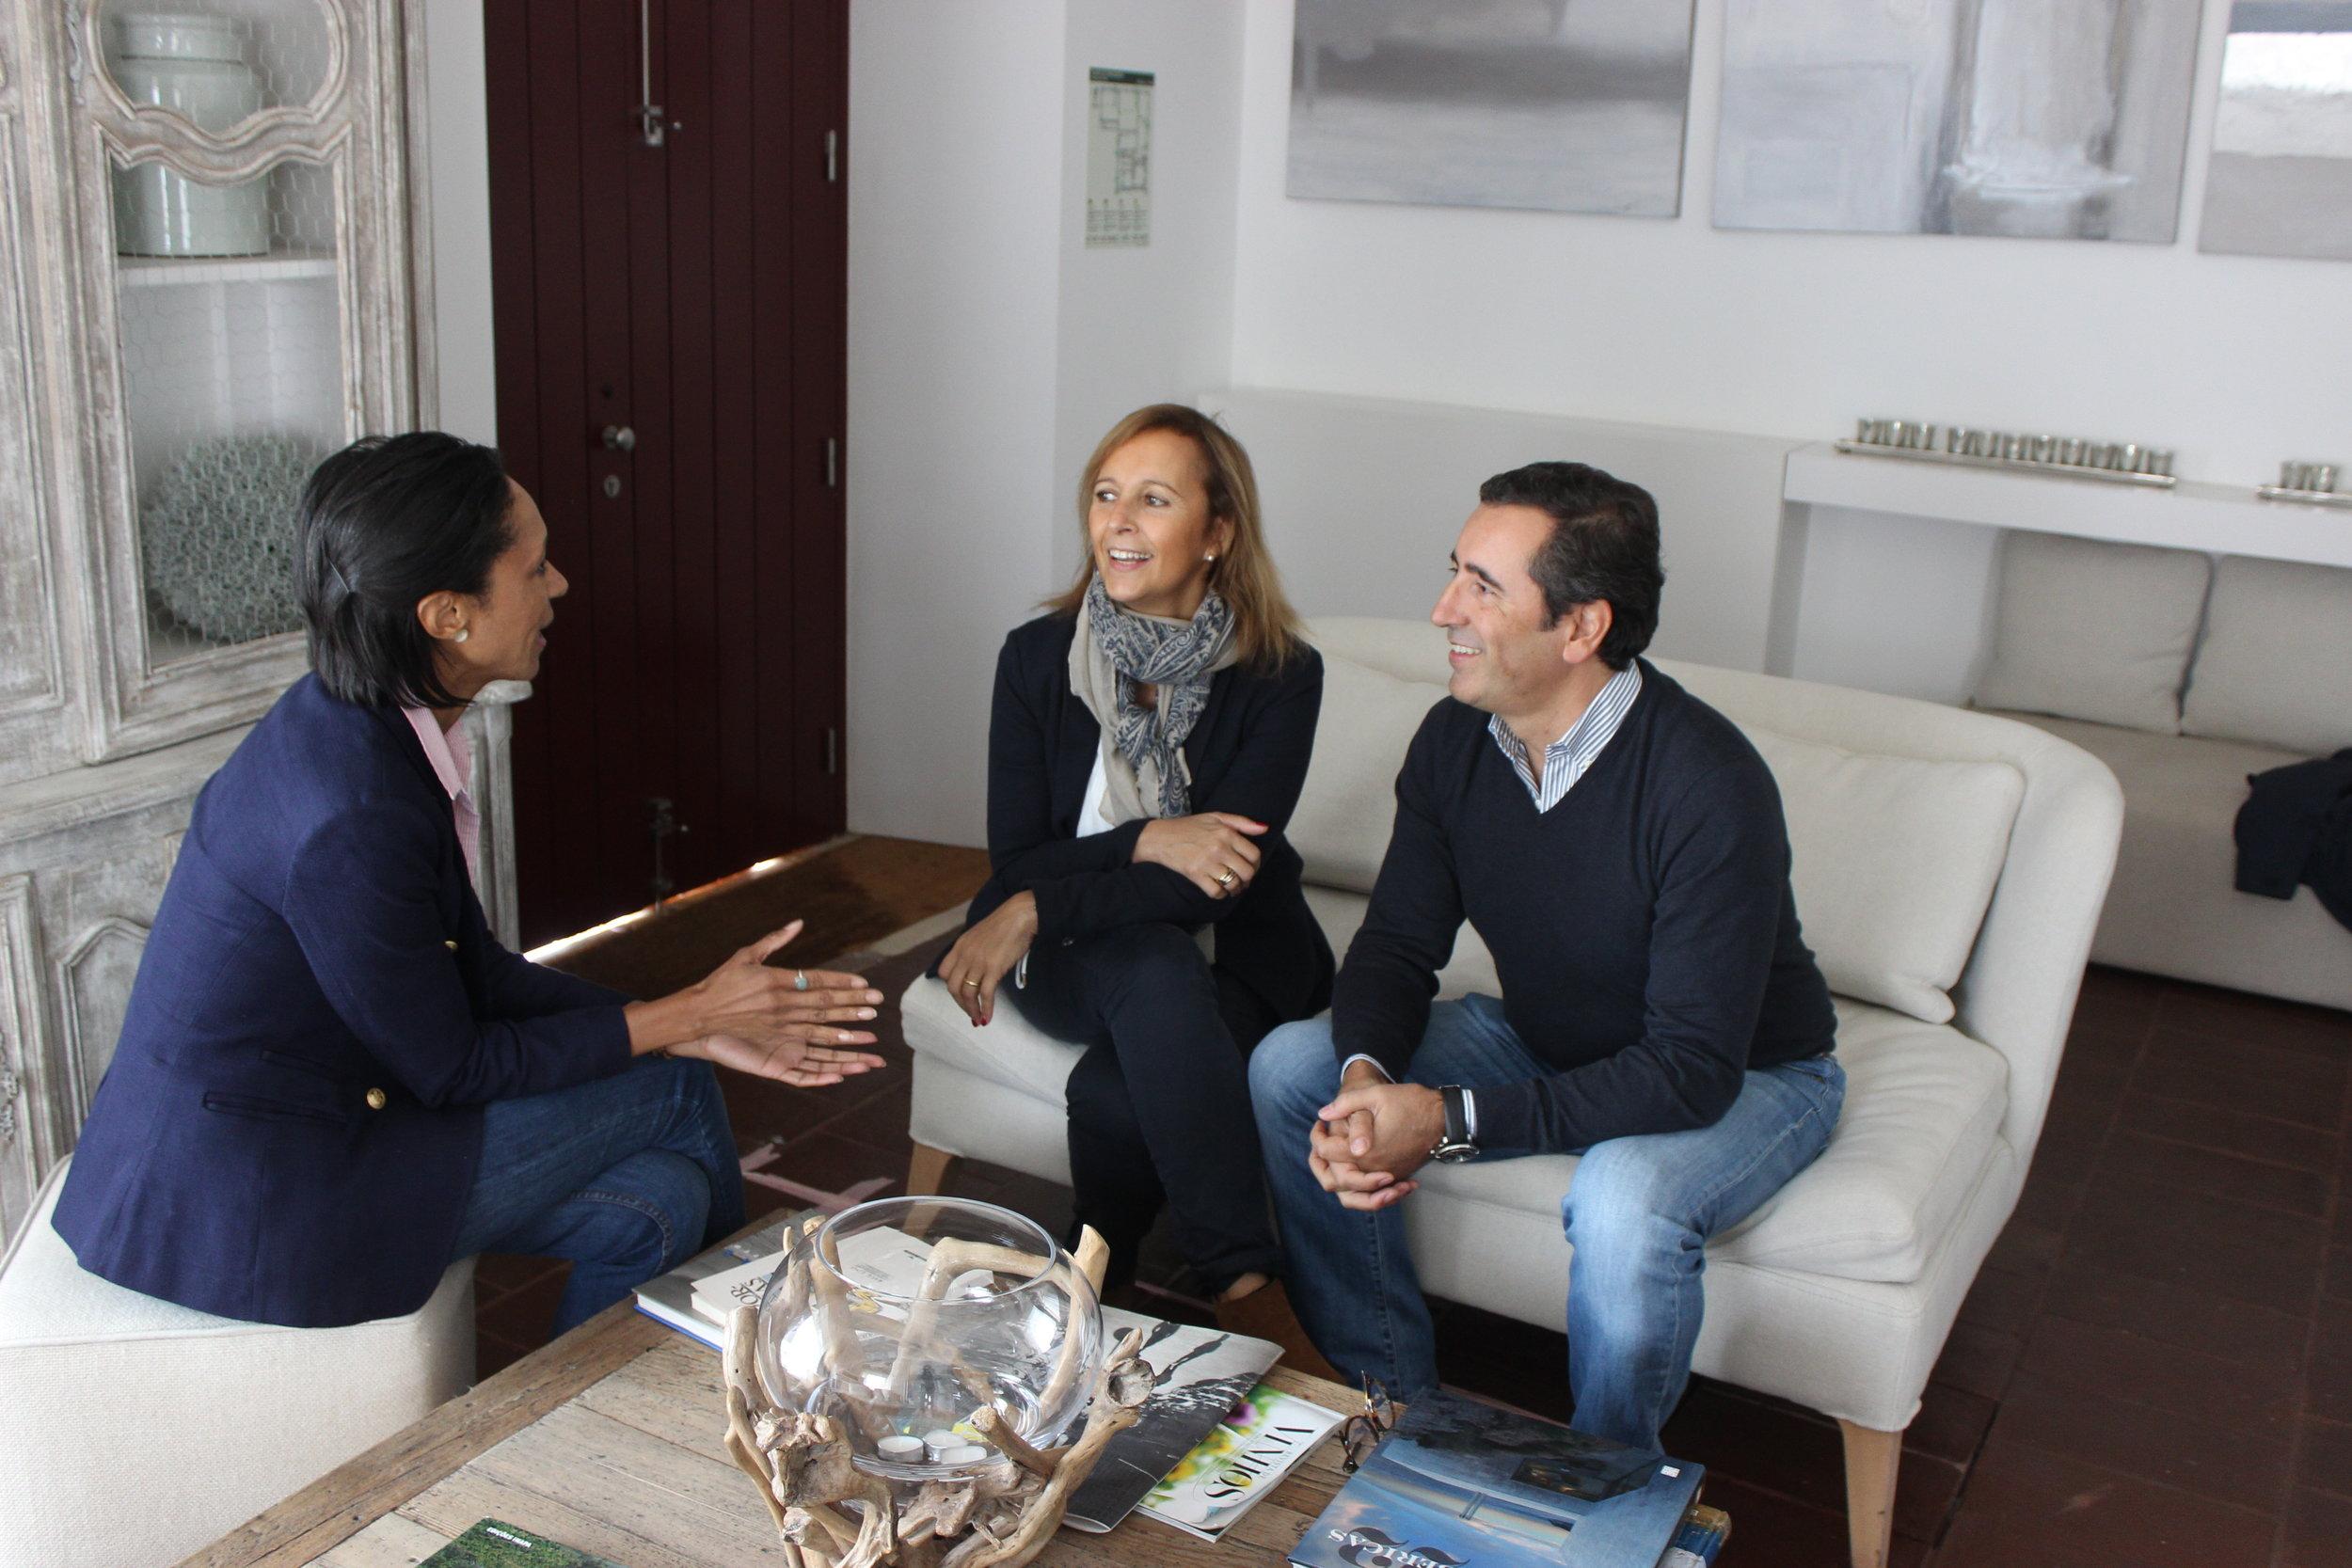 drs. pedro & Ana rebelo of herdade torre de palma boutique hotel